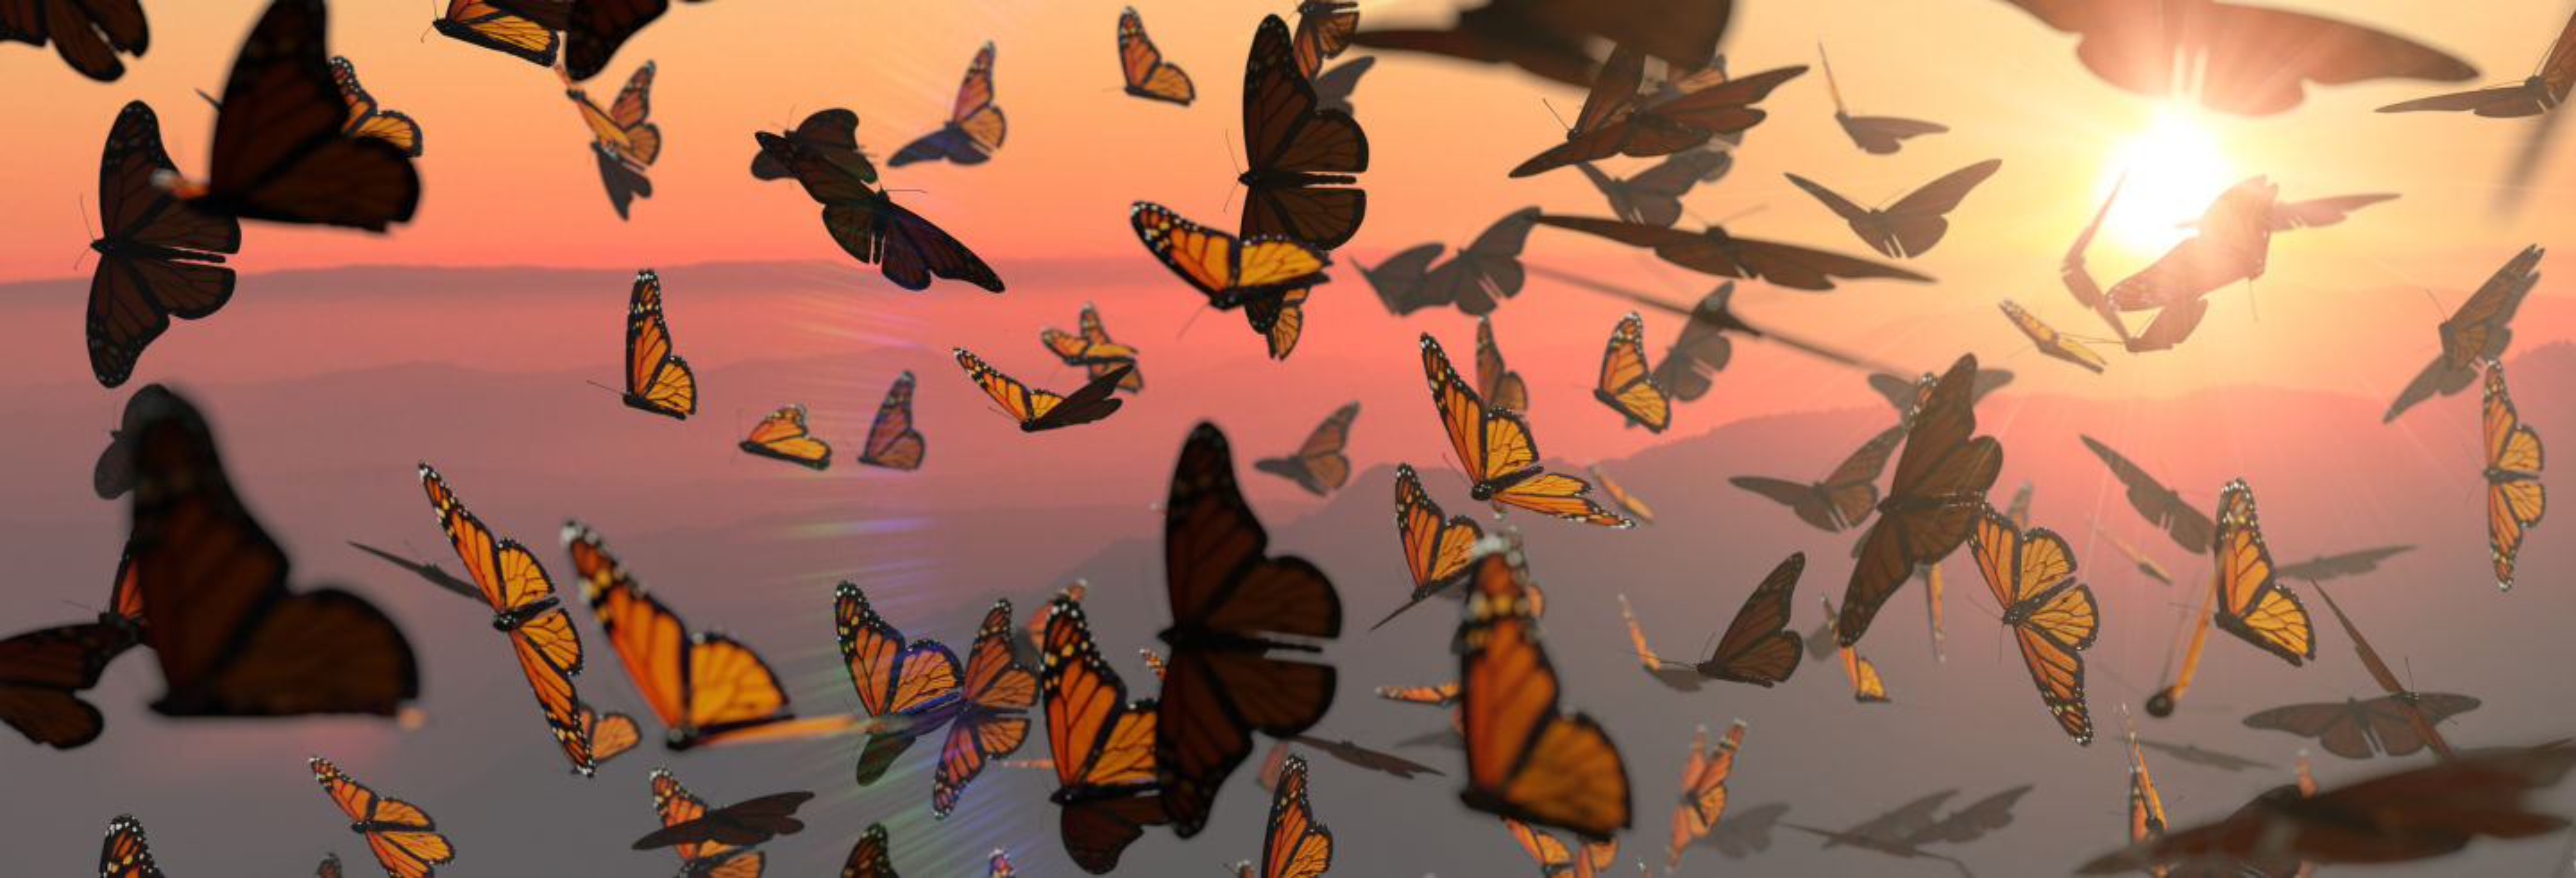 Excursión al santuario de mariposas monarca Sierra Chincua